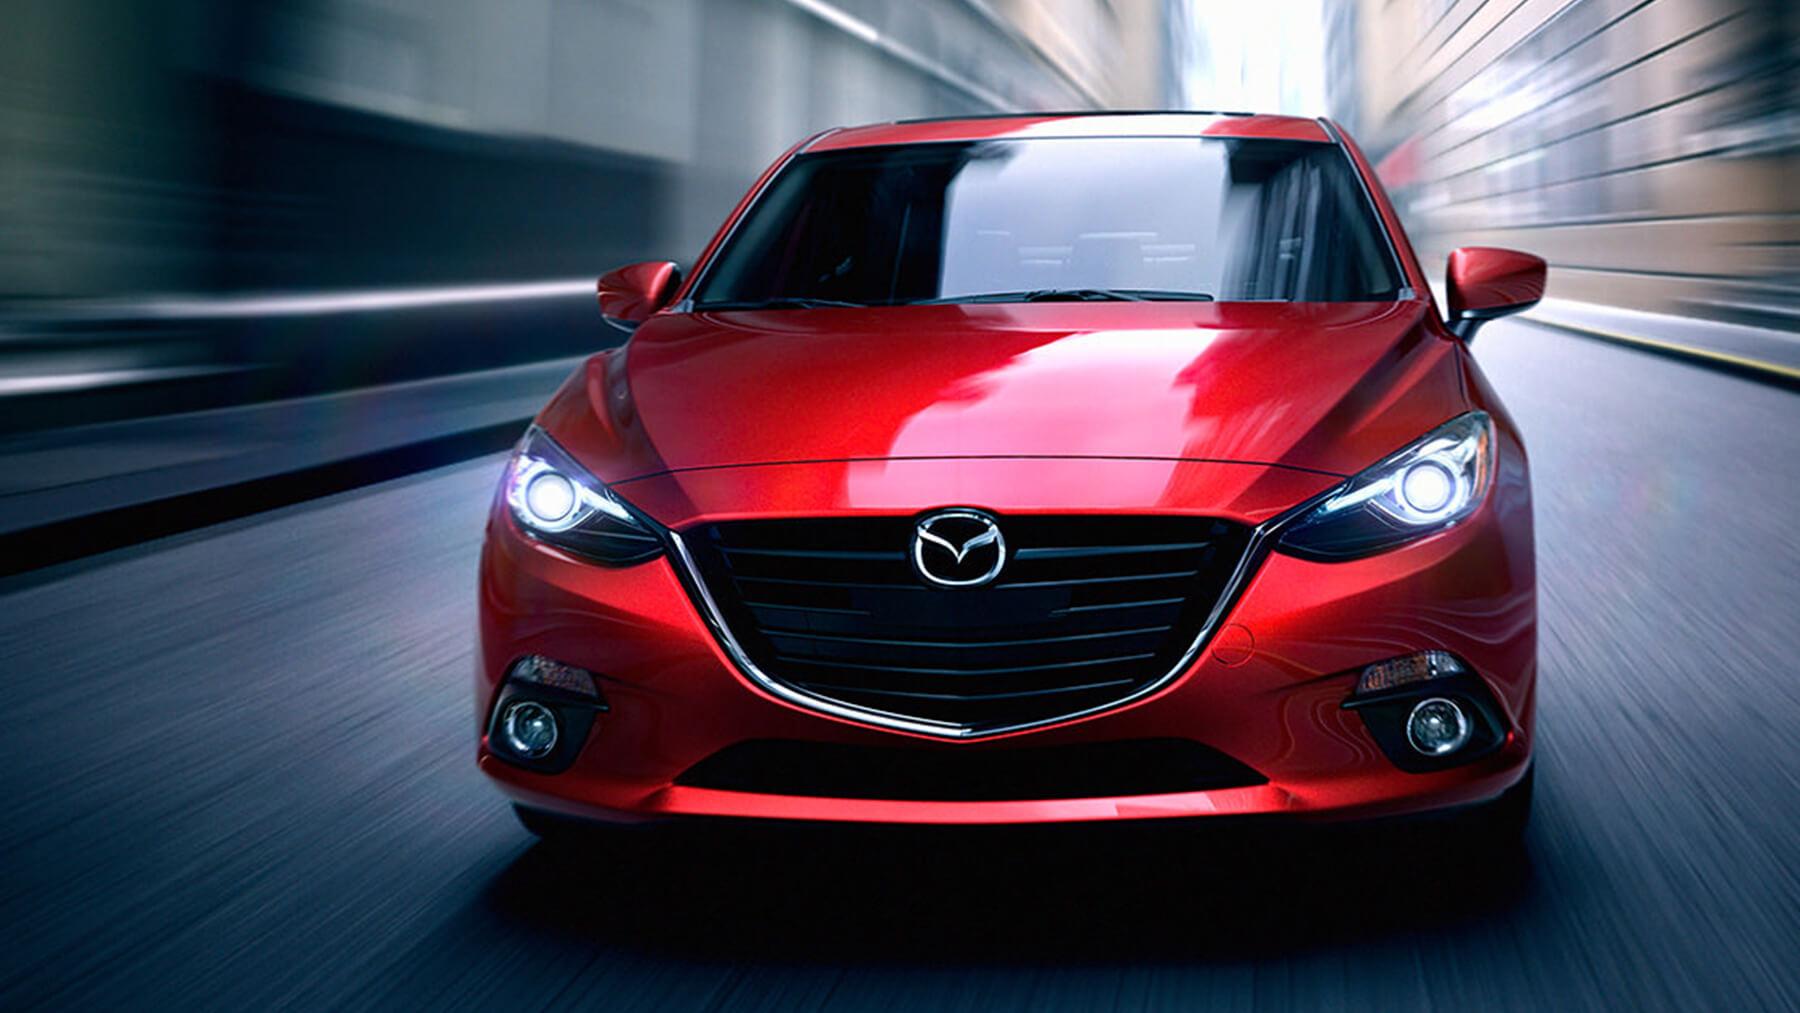 2016 Mazda 3 Sedan. Vs. 2016 Honda Civic